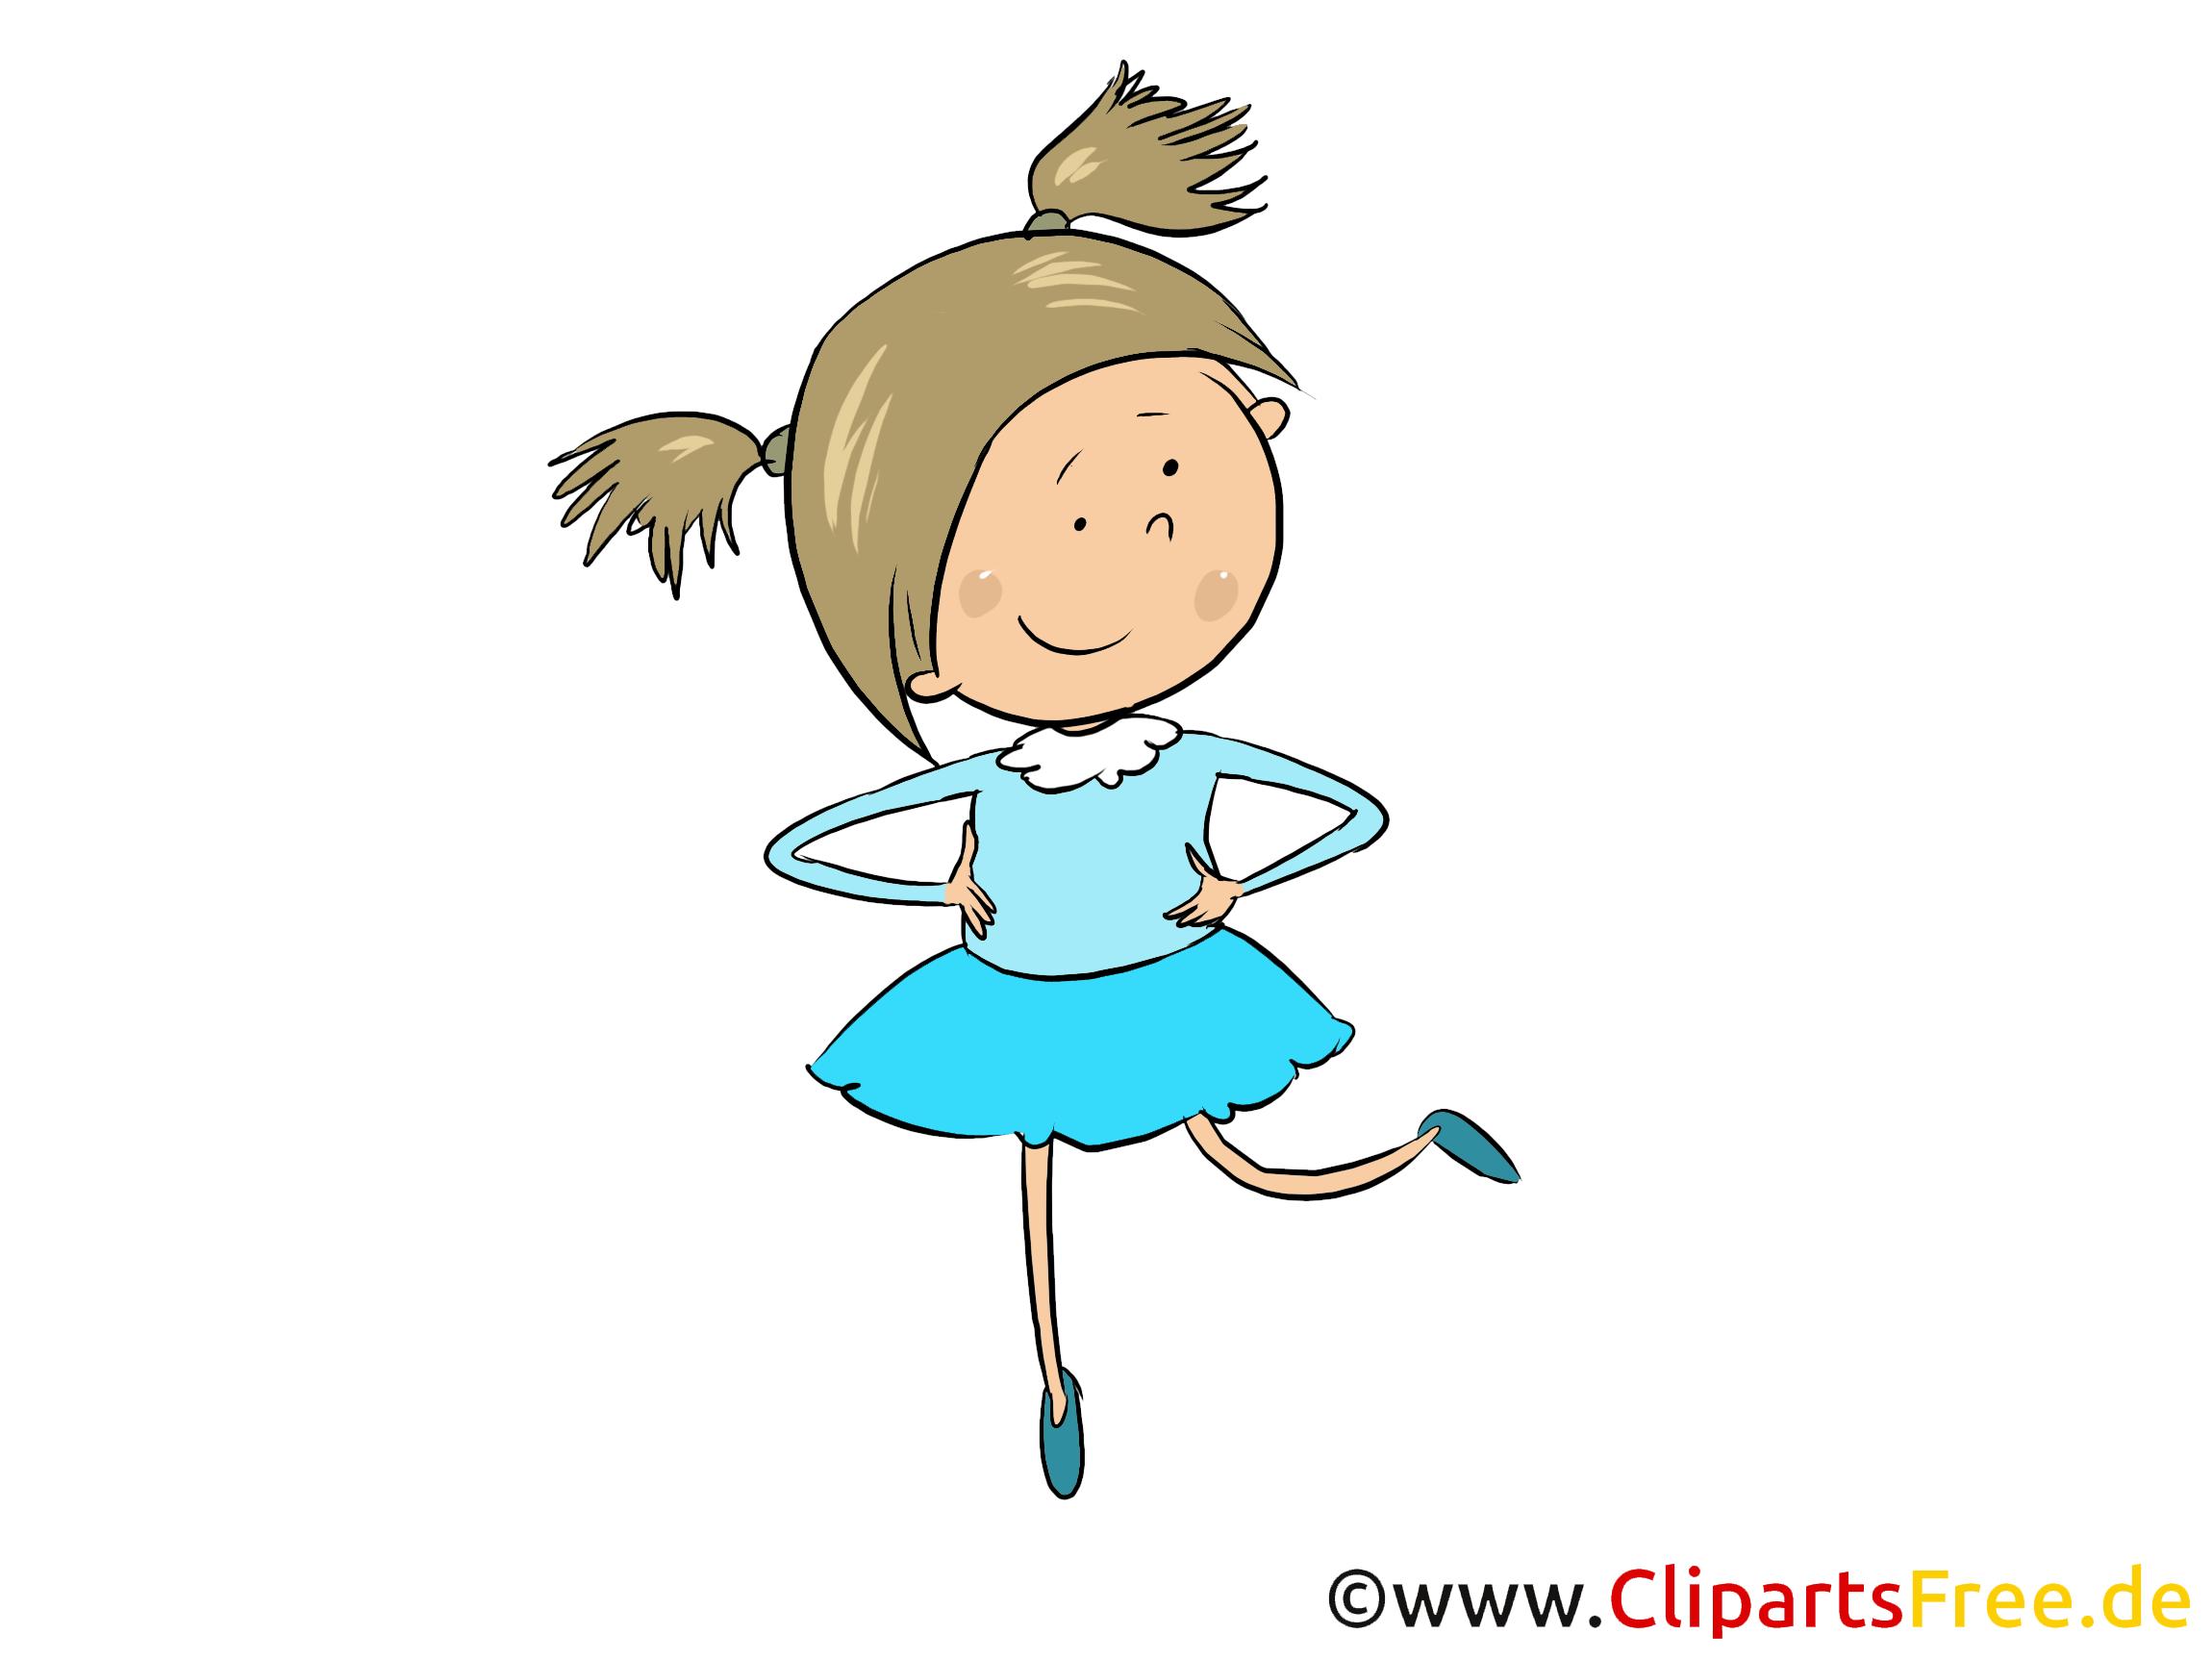 Mädchen im Kindergarten - Kinder Cliparts kostenlos